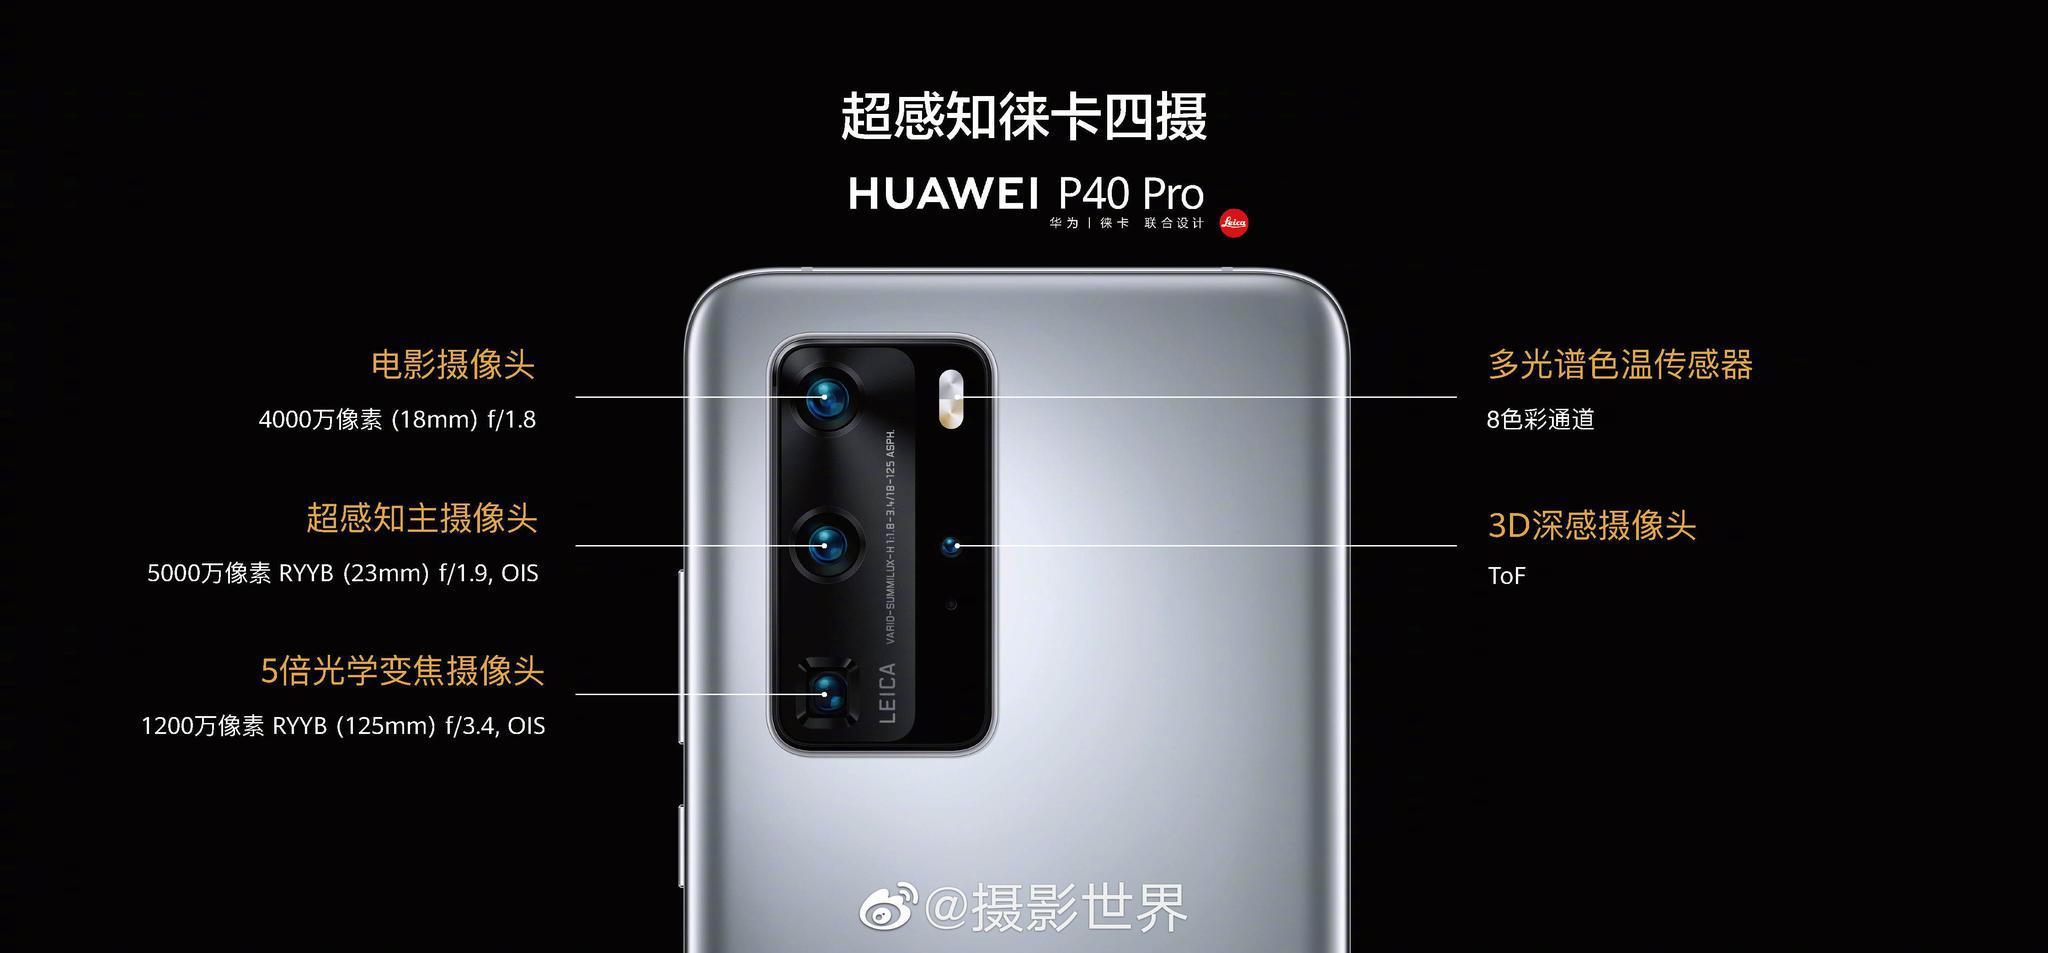 全新的HUAWEI P40 Pro+带来了10倍光学变焦……